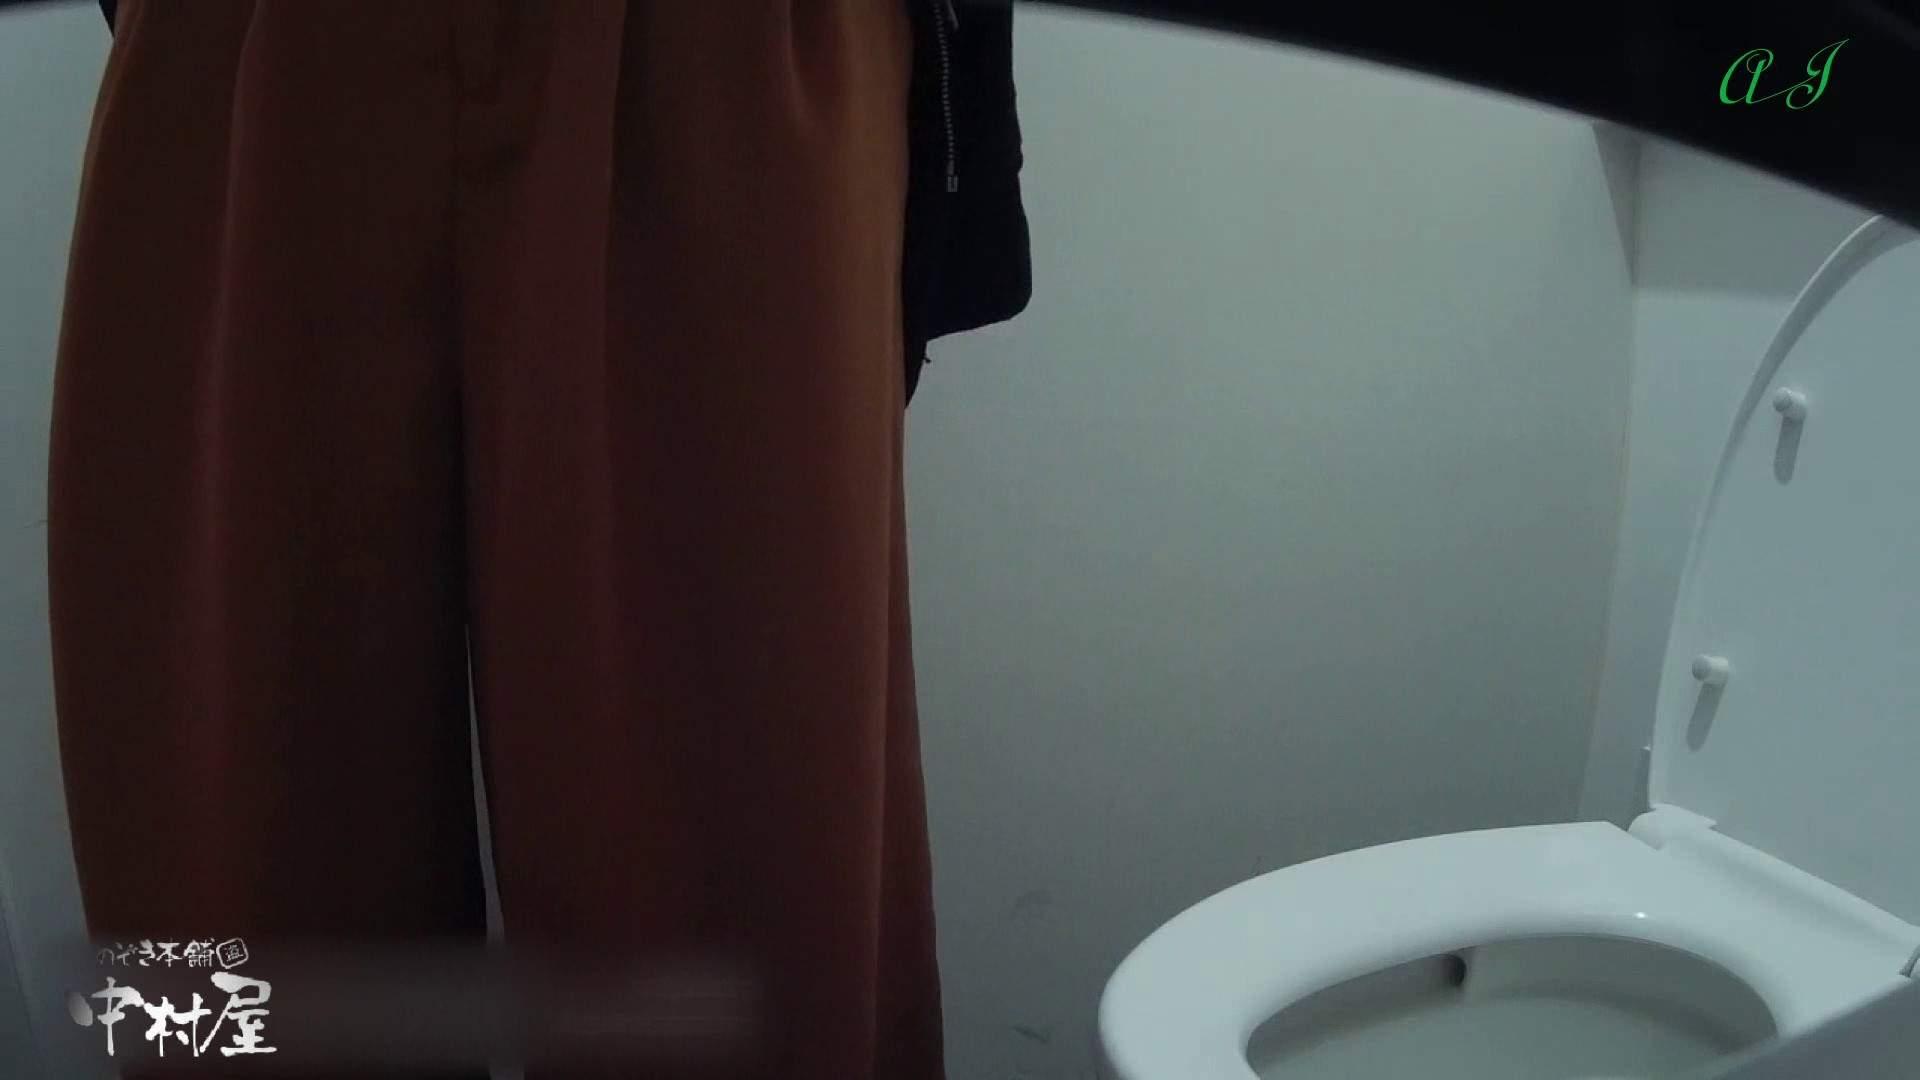 有名大学女性洗面所 vol.78 美女勢揃い 前編 人気シリーズ すけべAV動画紹介 105PIX 34